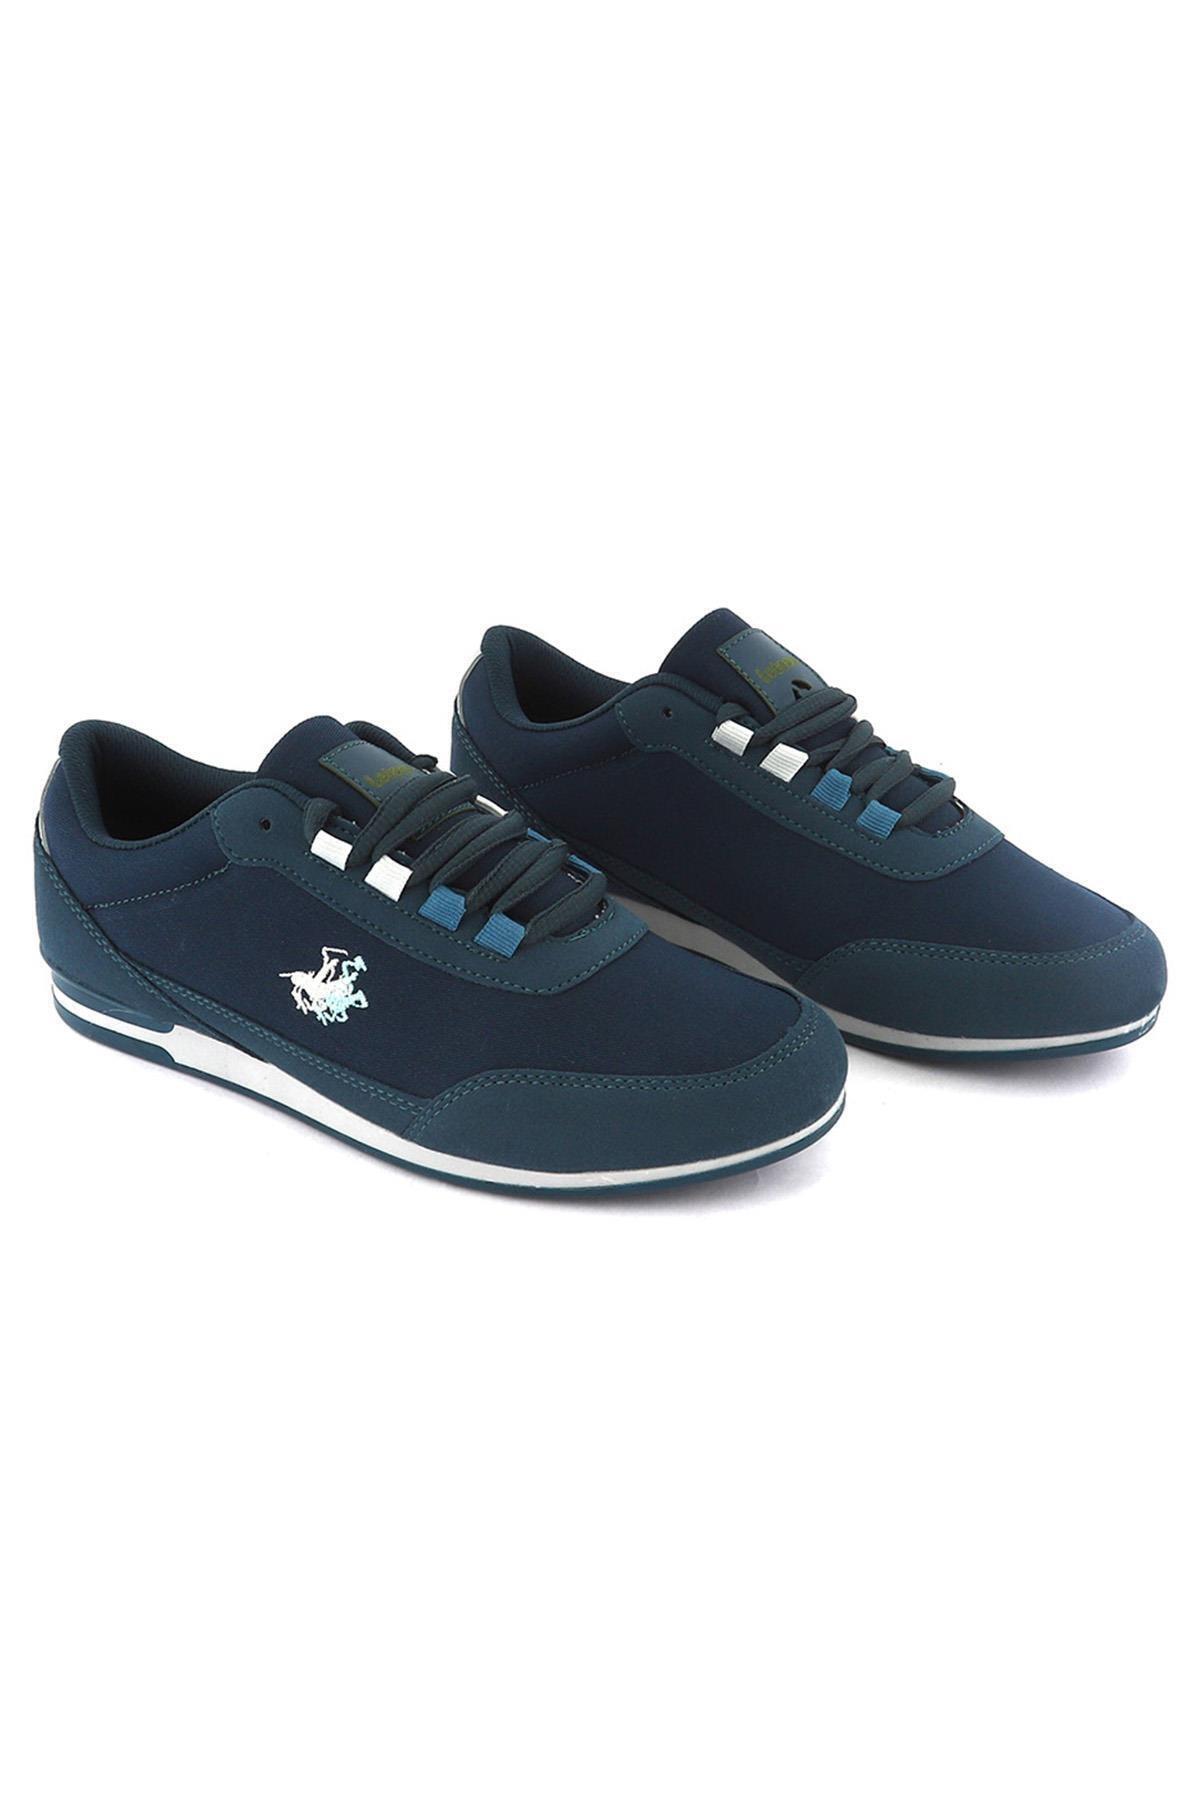 LETOON 2083 Erkek Günlük Ayakkabı 2